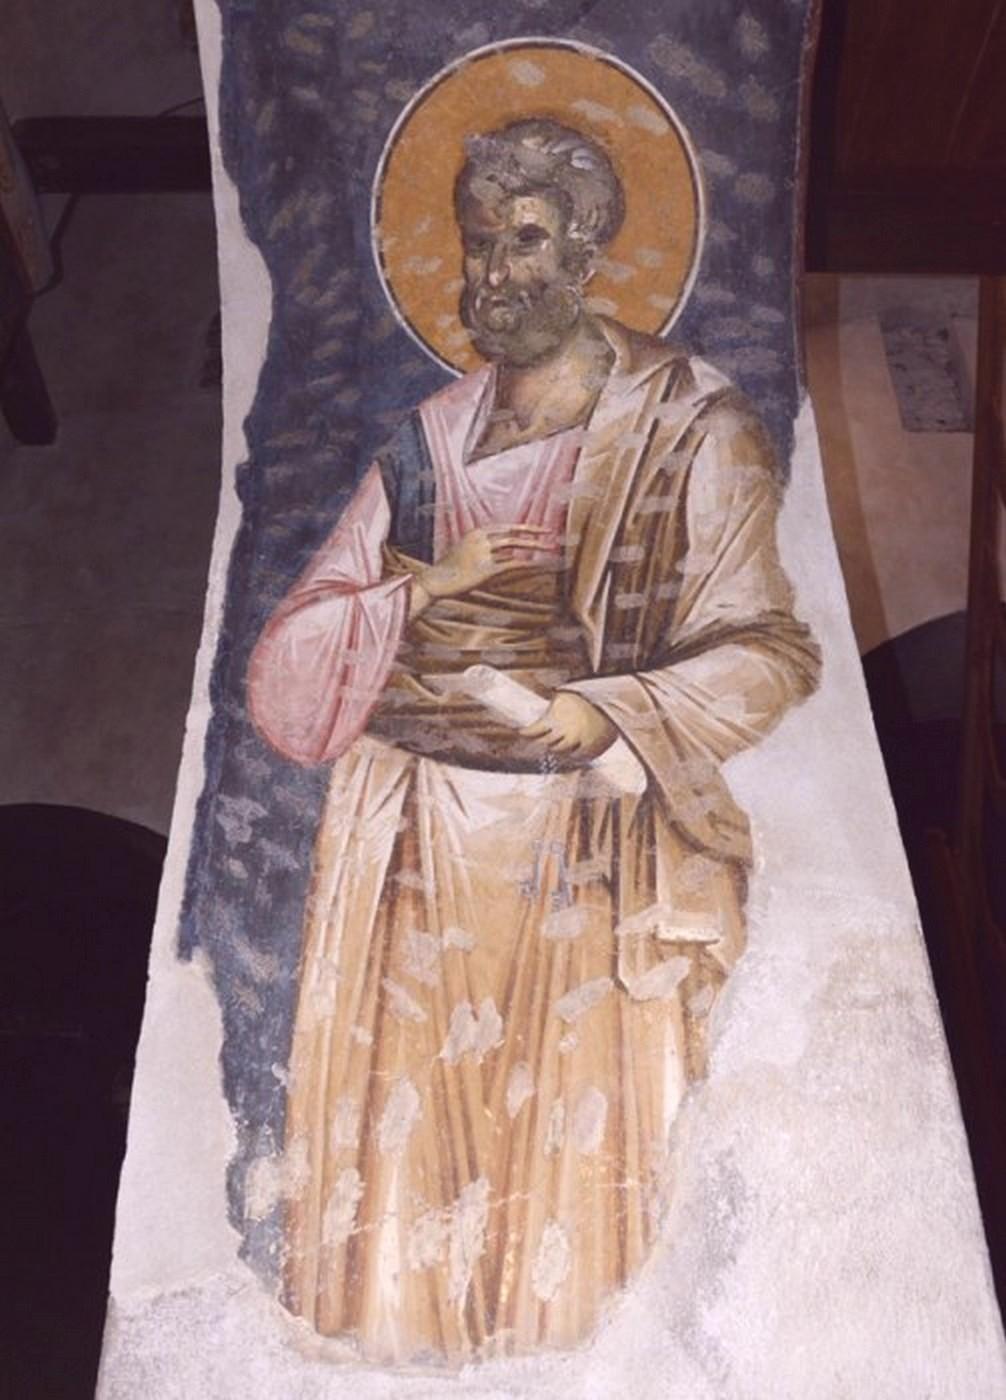 Святой Апостол Пётр. Фреска церкви Богородицы Левишки в Призрене, Косово, Сербия. 1310 - 1313 годы. Иконописец Михаил Астрапа.